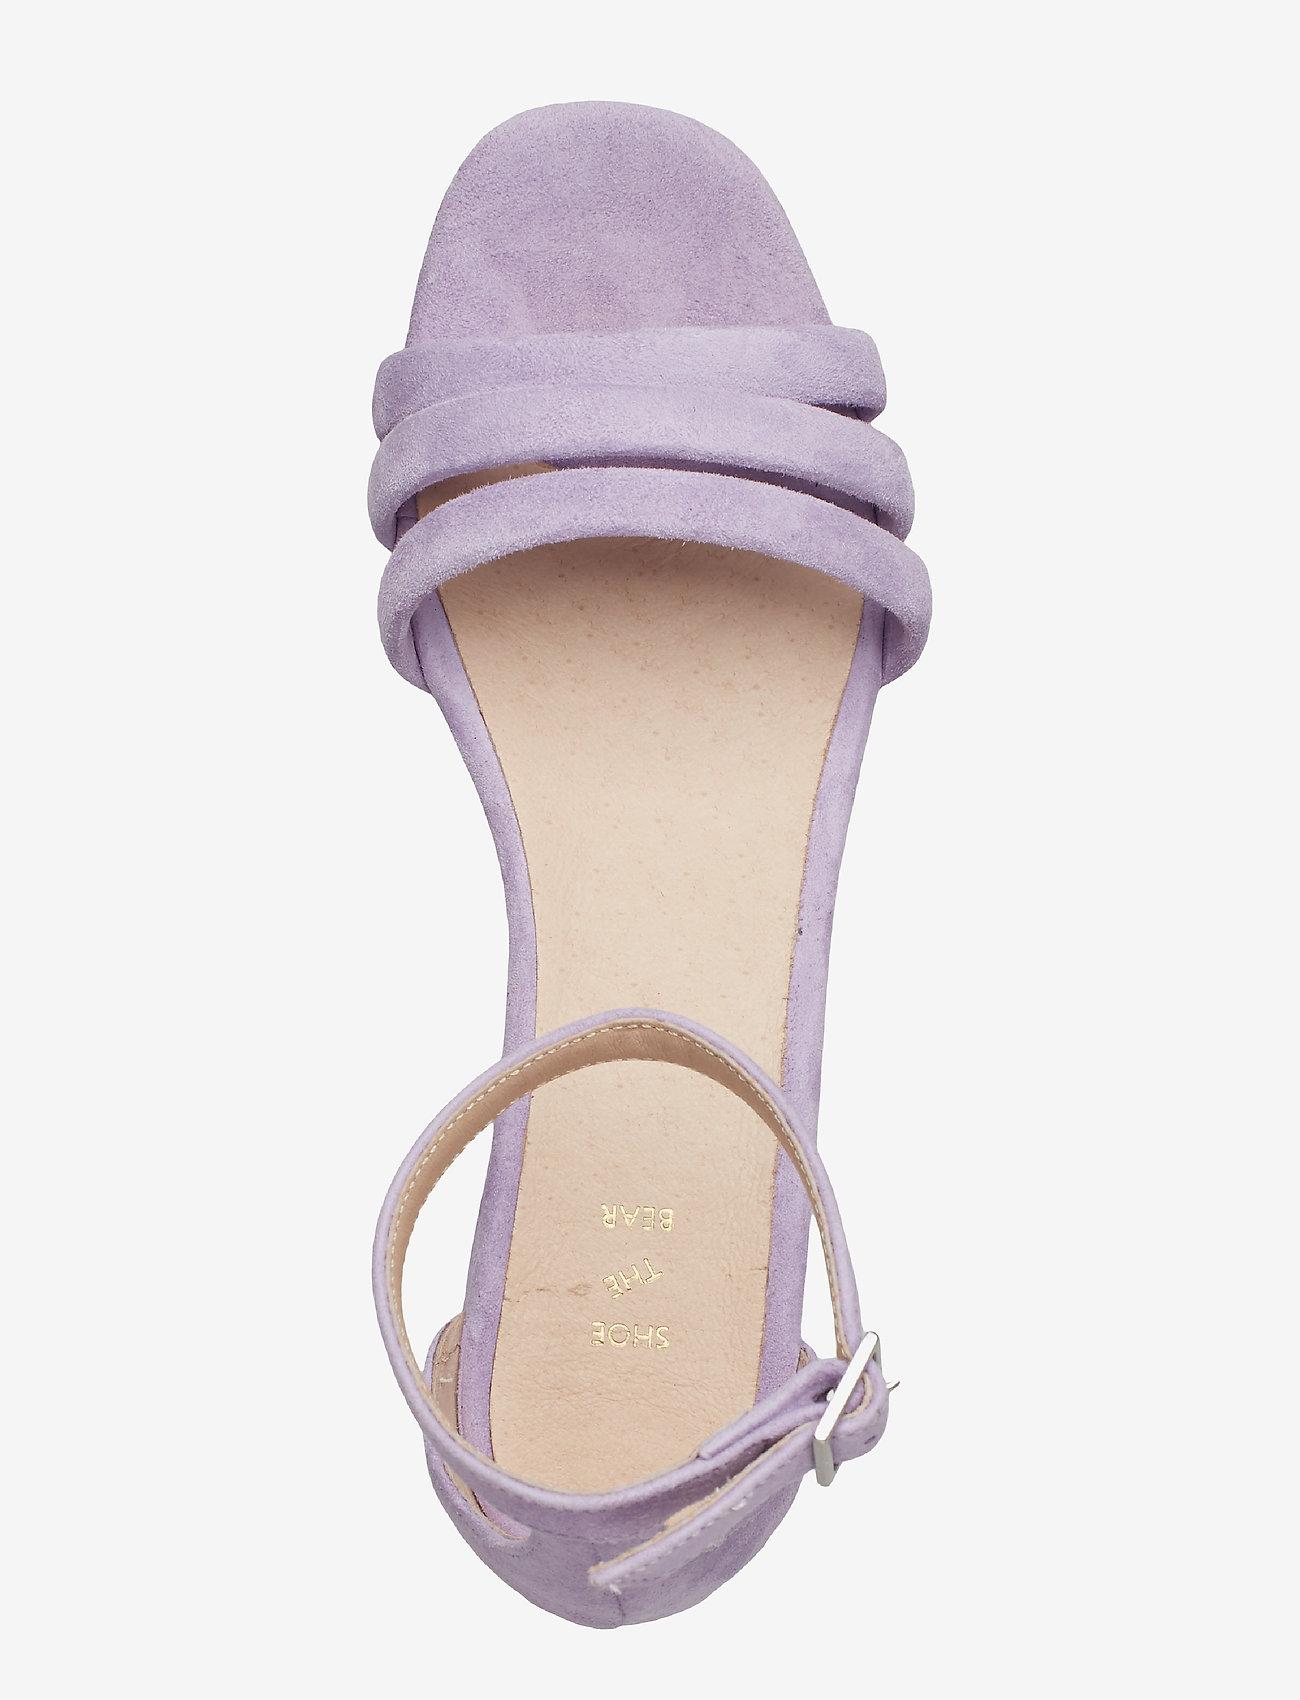 Shoe The Bear YASMIN PUFF S - Absatzschuhe LILAC - Schuhe Billige